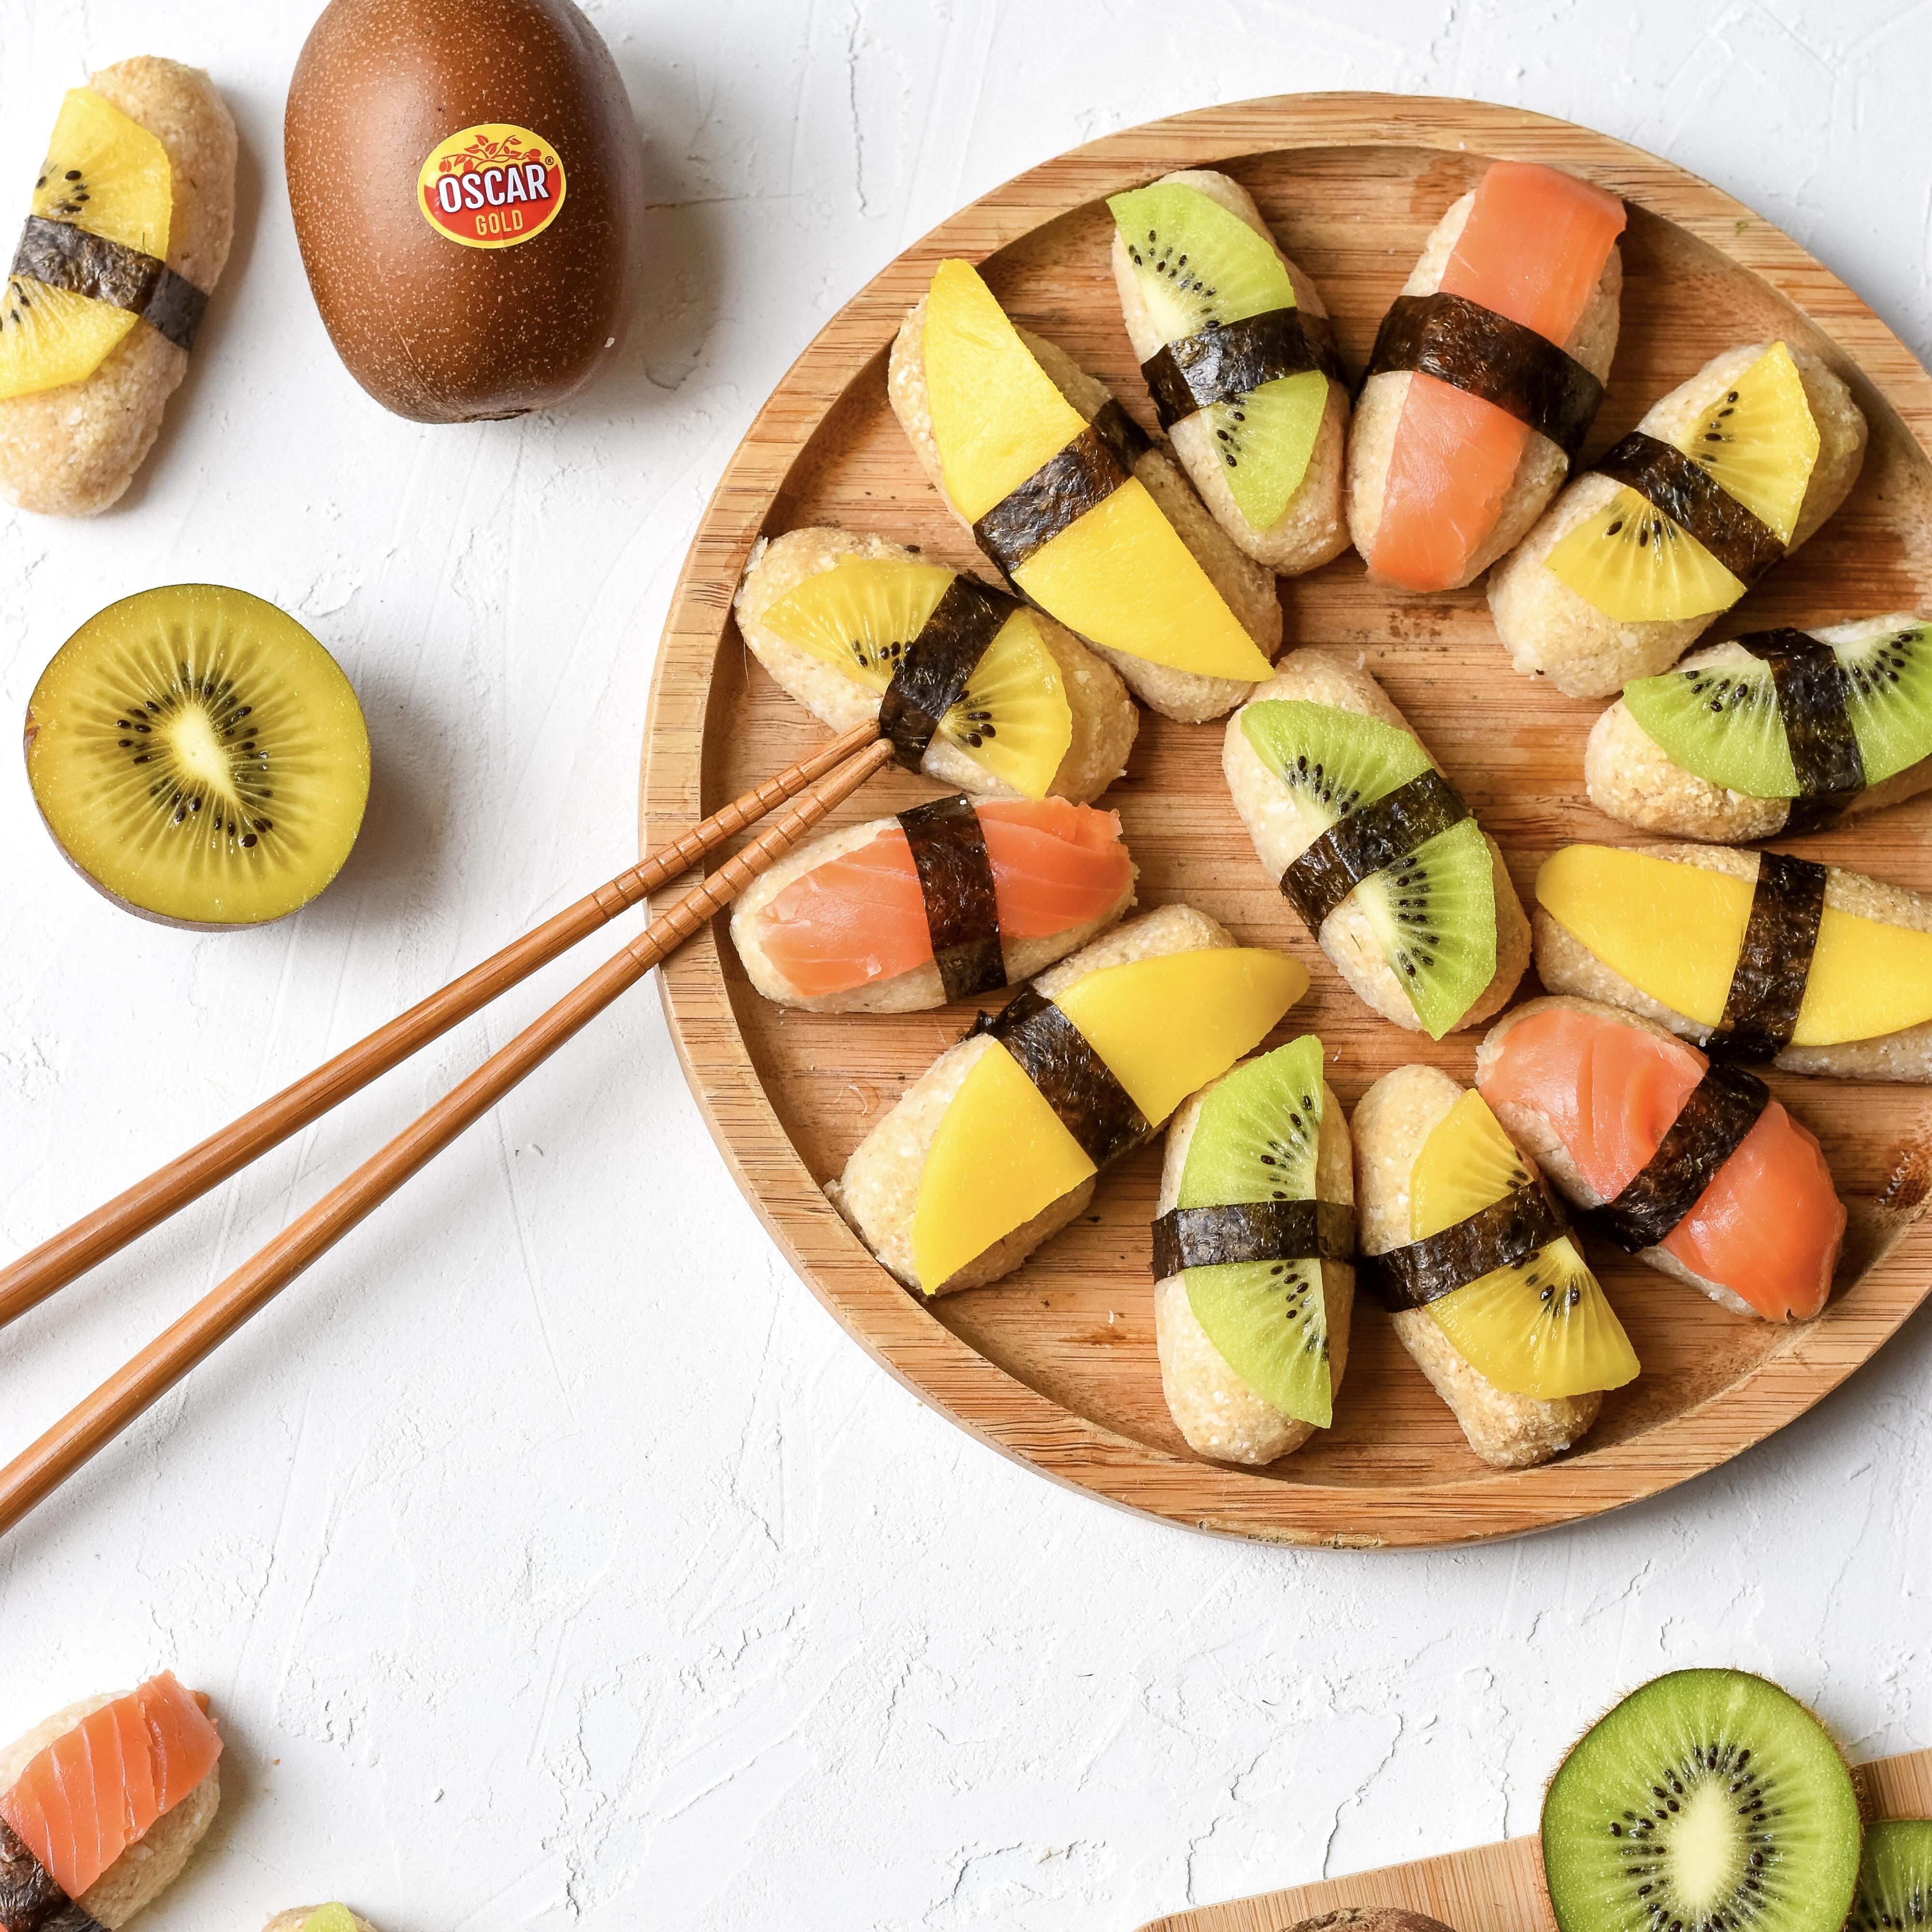 Cauliflower sushi with Oscar kiwi, mango and trout